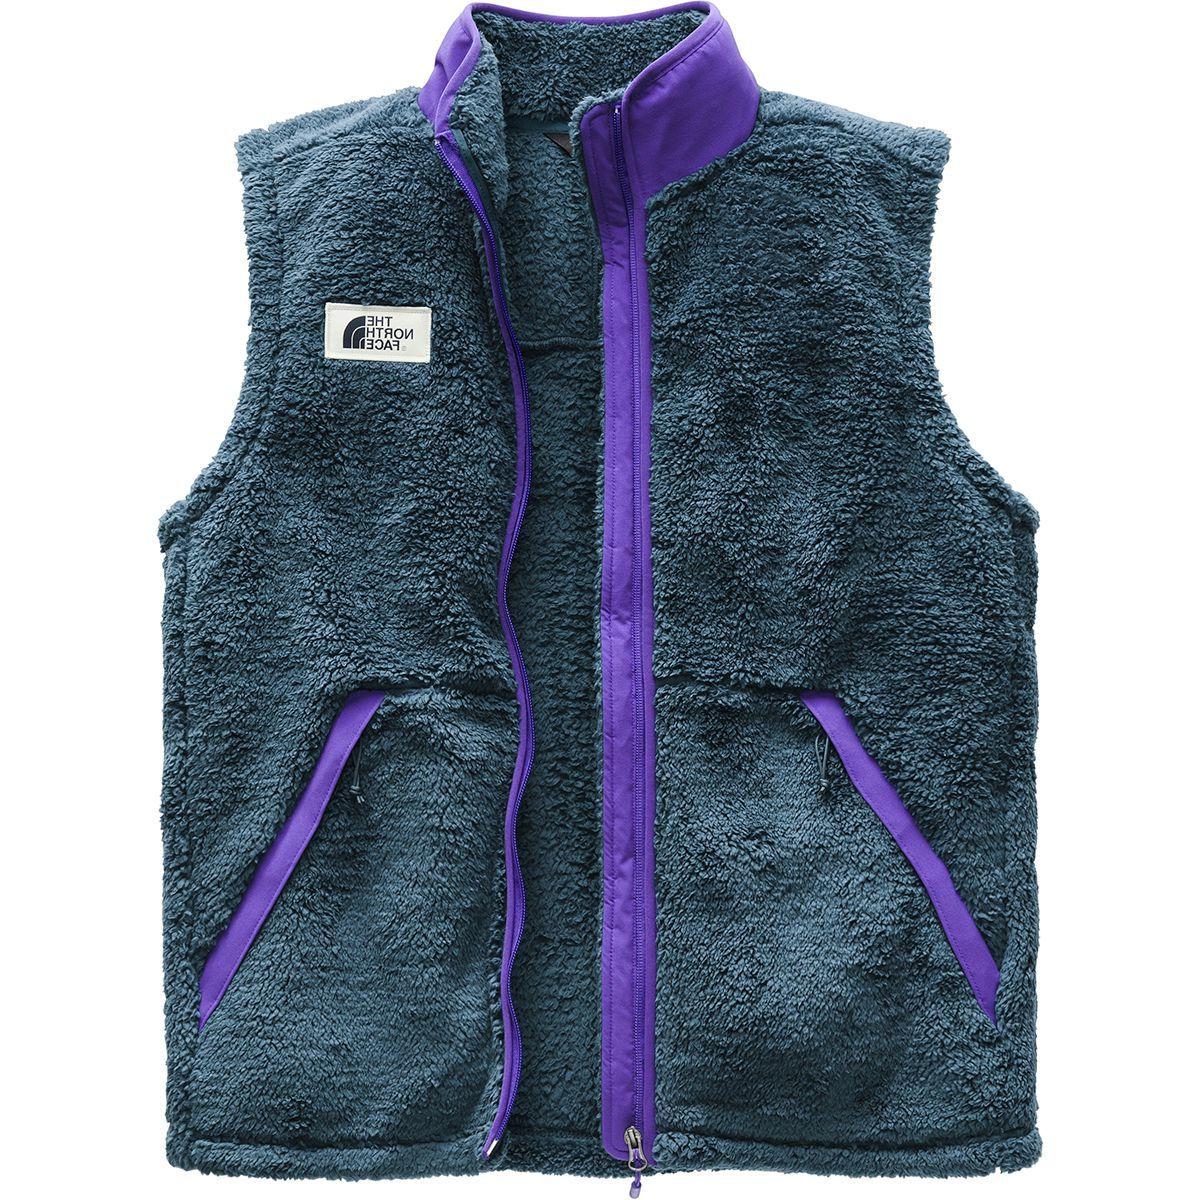 The North Face Campshire Fleece Vest - Men's